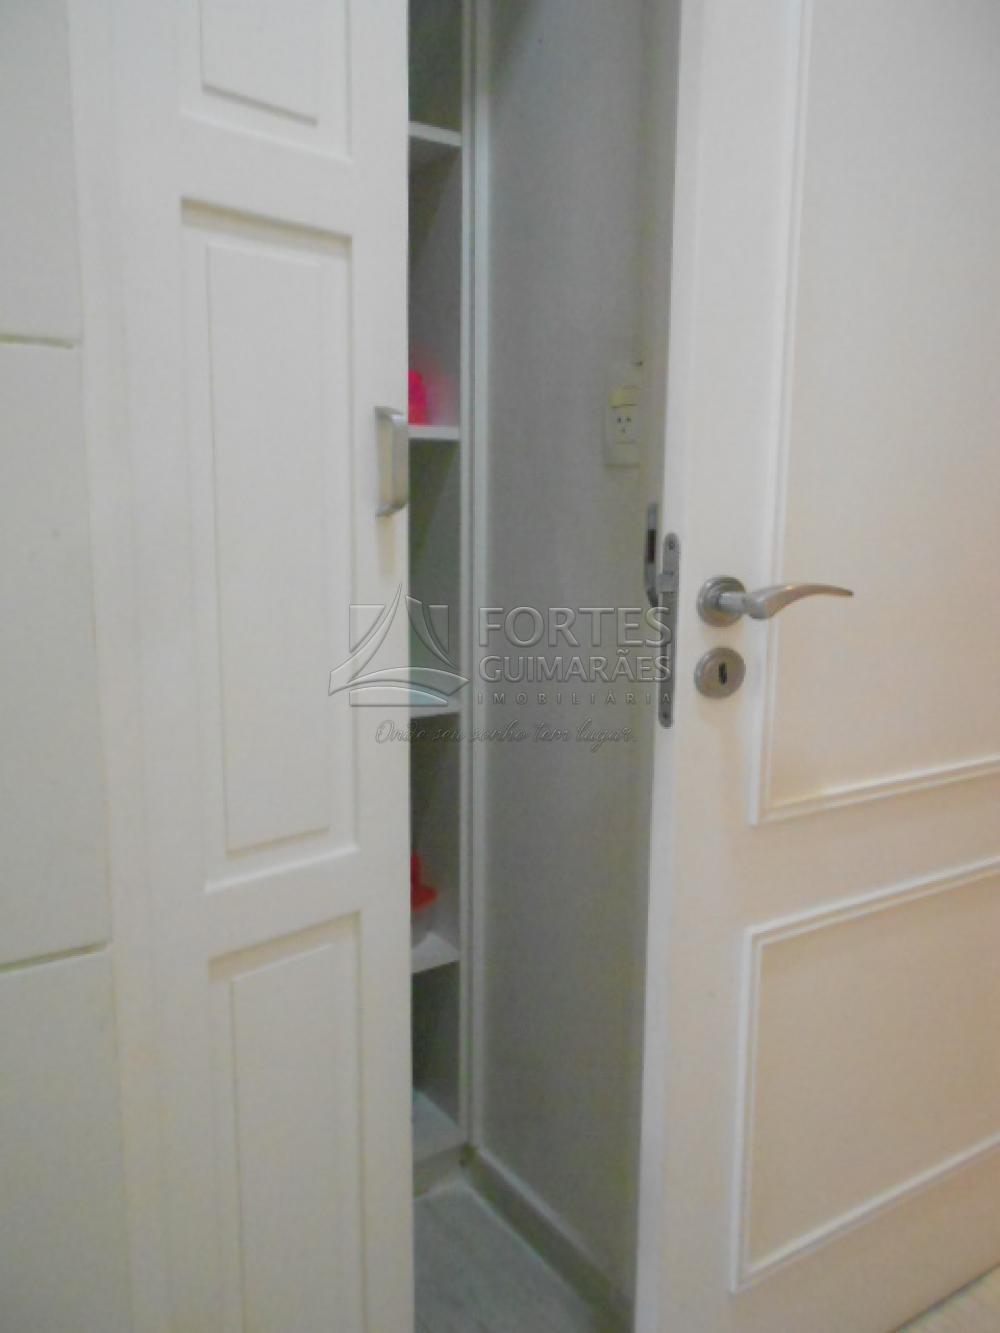 Alugar Apartamentos / Padrão em Ribeirão Preto apenas R$ 5.000,00 - Foto 54